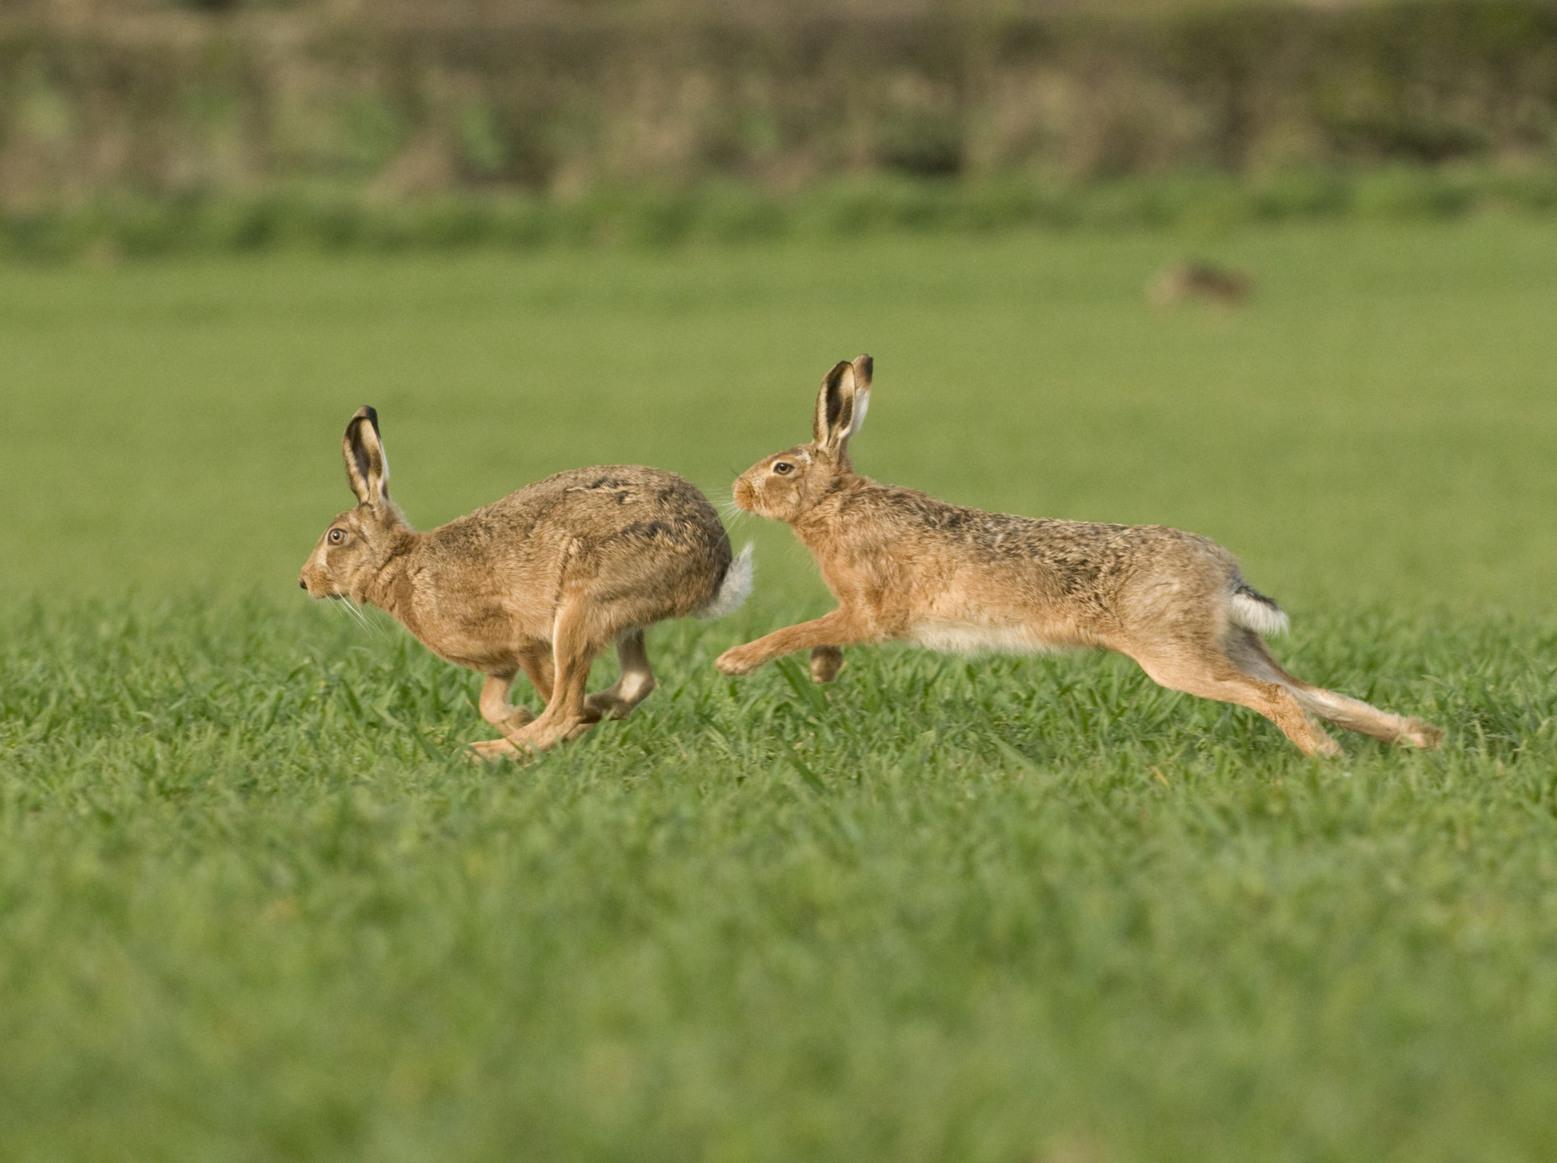 Deux lièvres bruns courant l'un après l'autre.